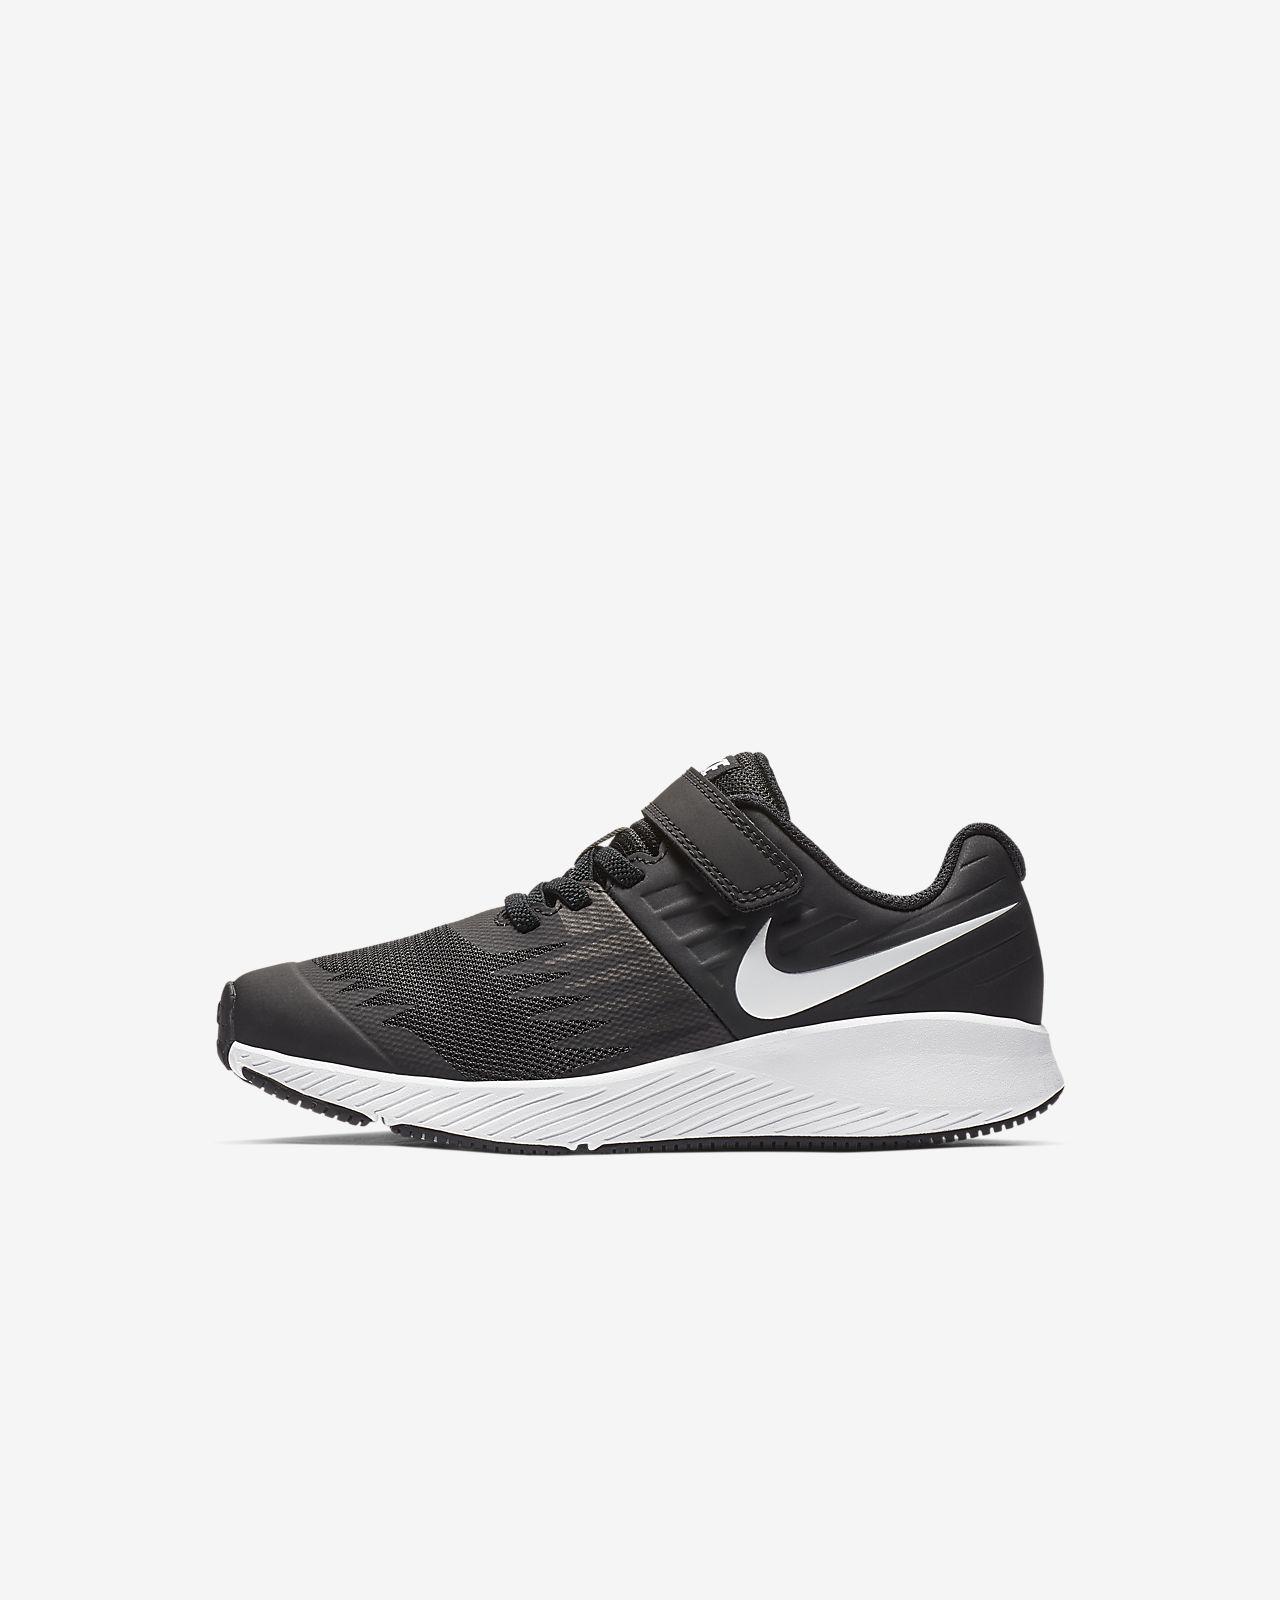 3edc42ac54 Nike Star Runner Little Kids' Shoe. Nike.com